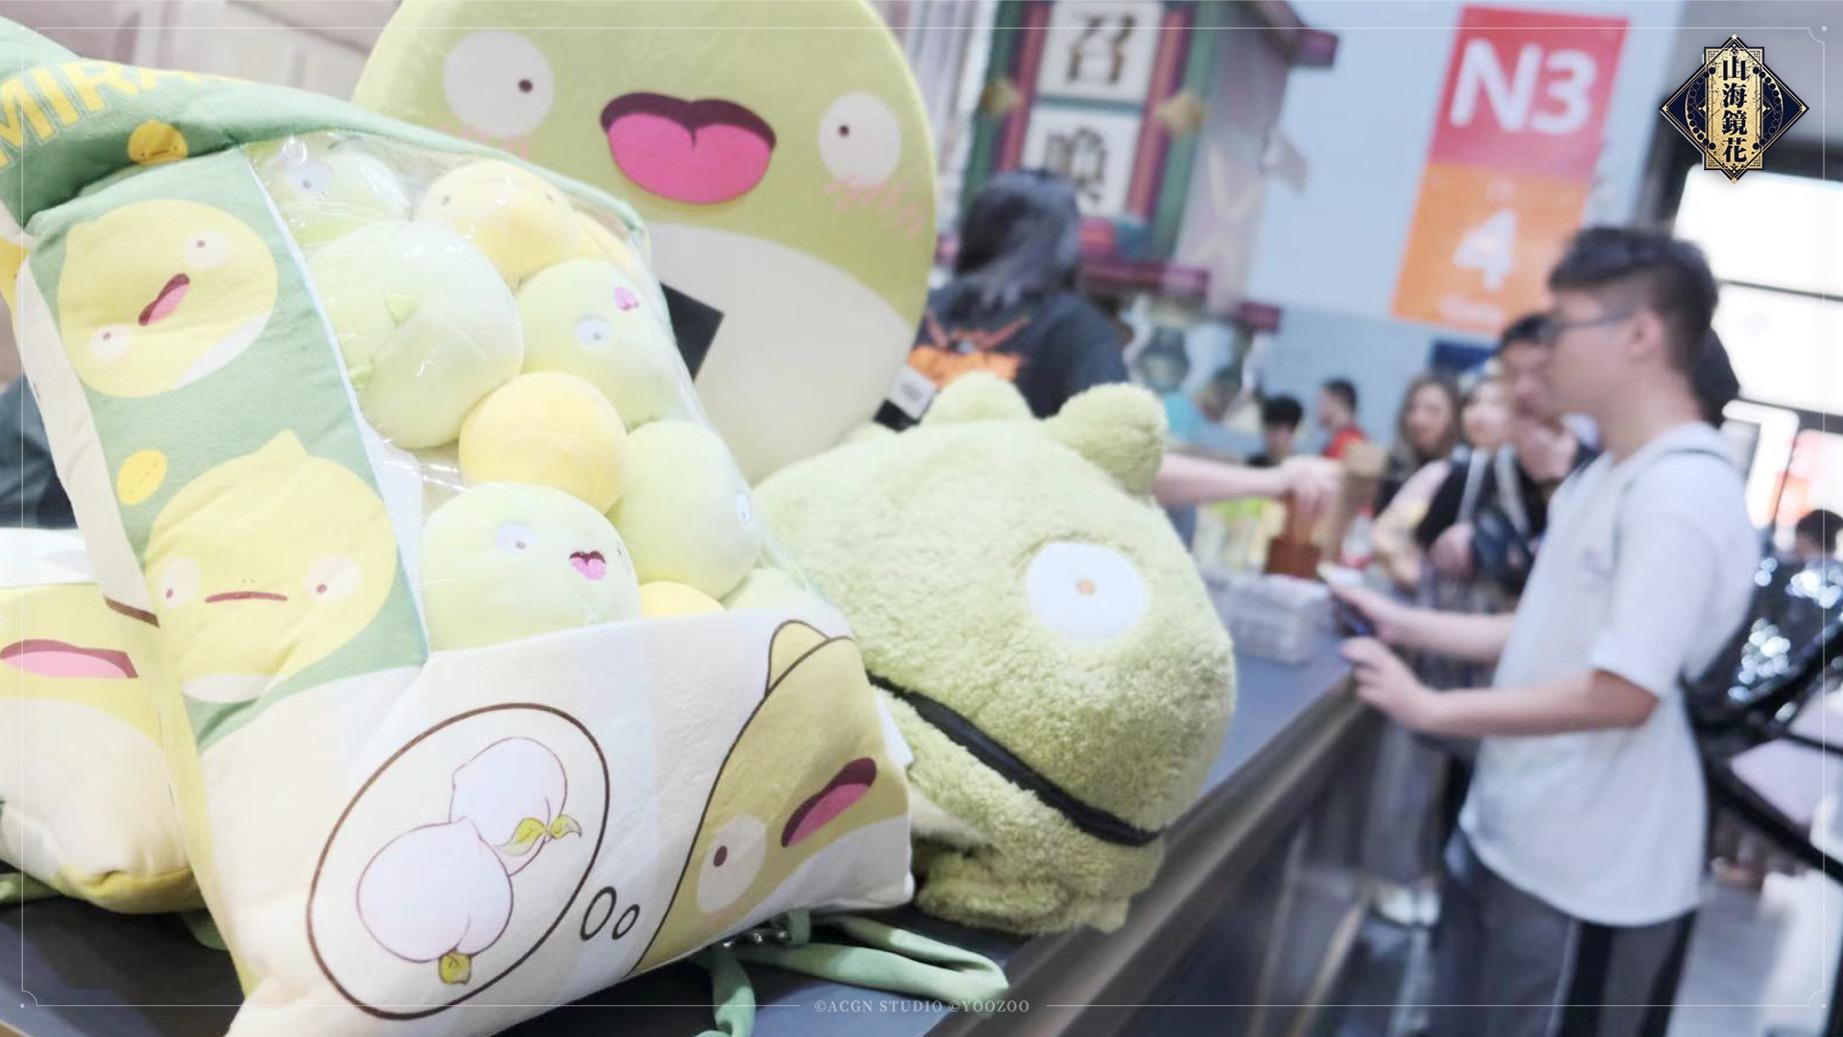 蜥蜴列车向南进发 《山海镜花》参加广州双展